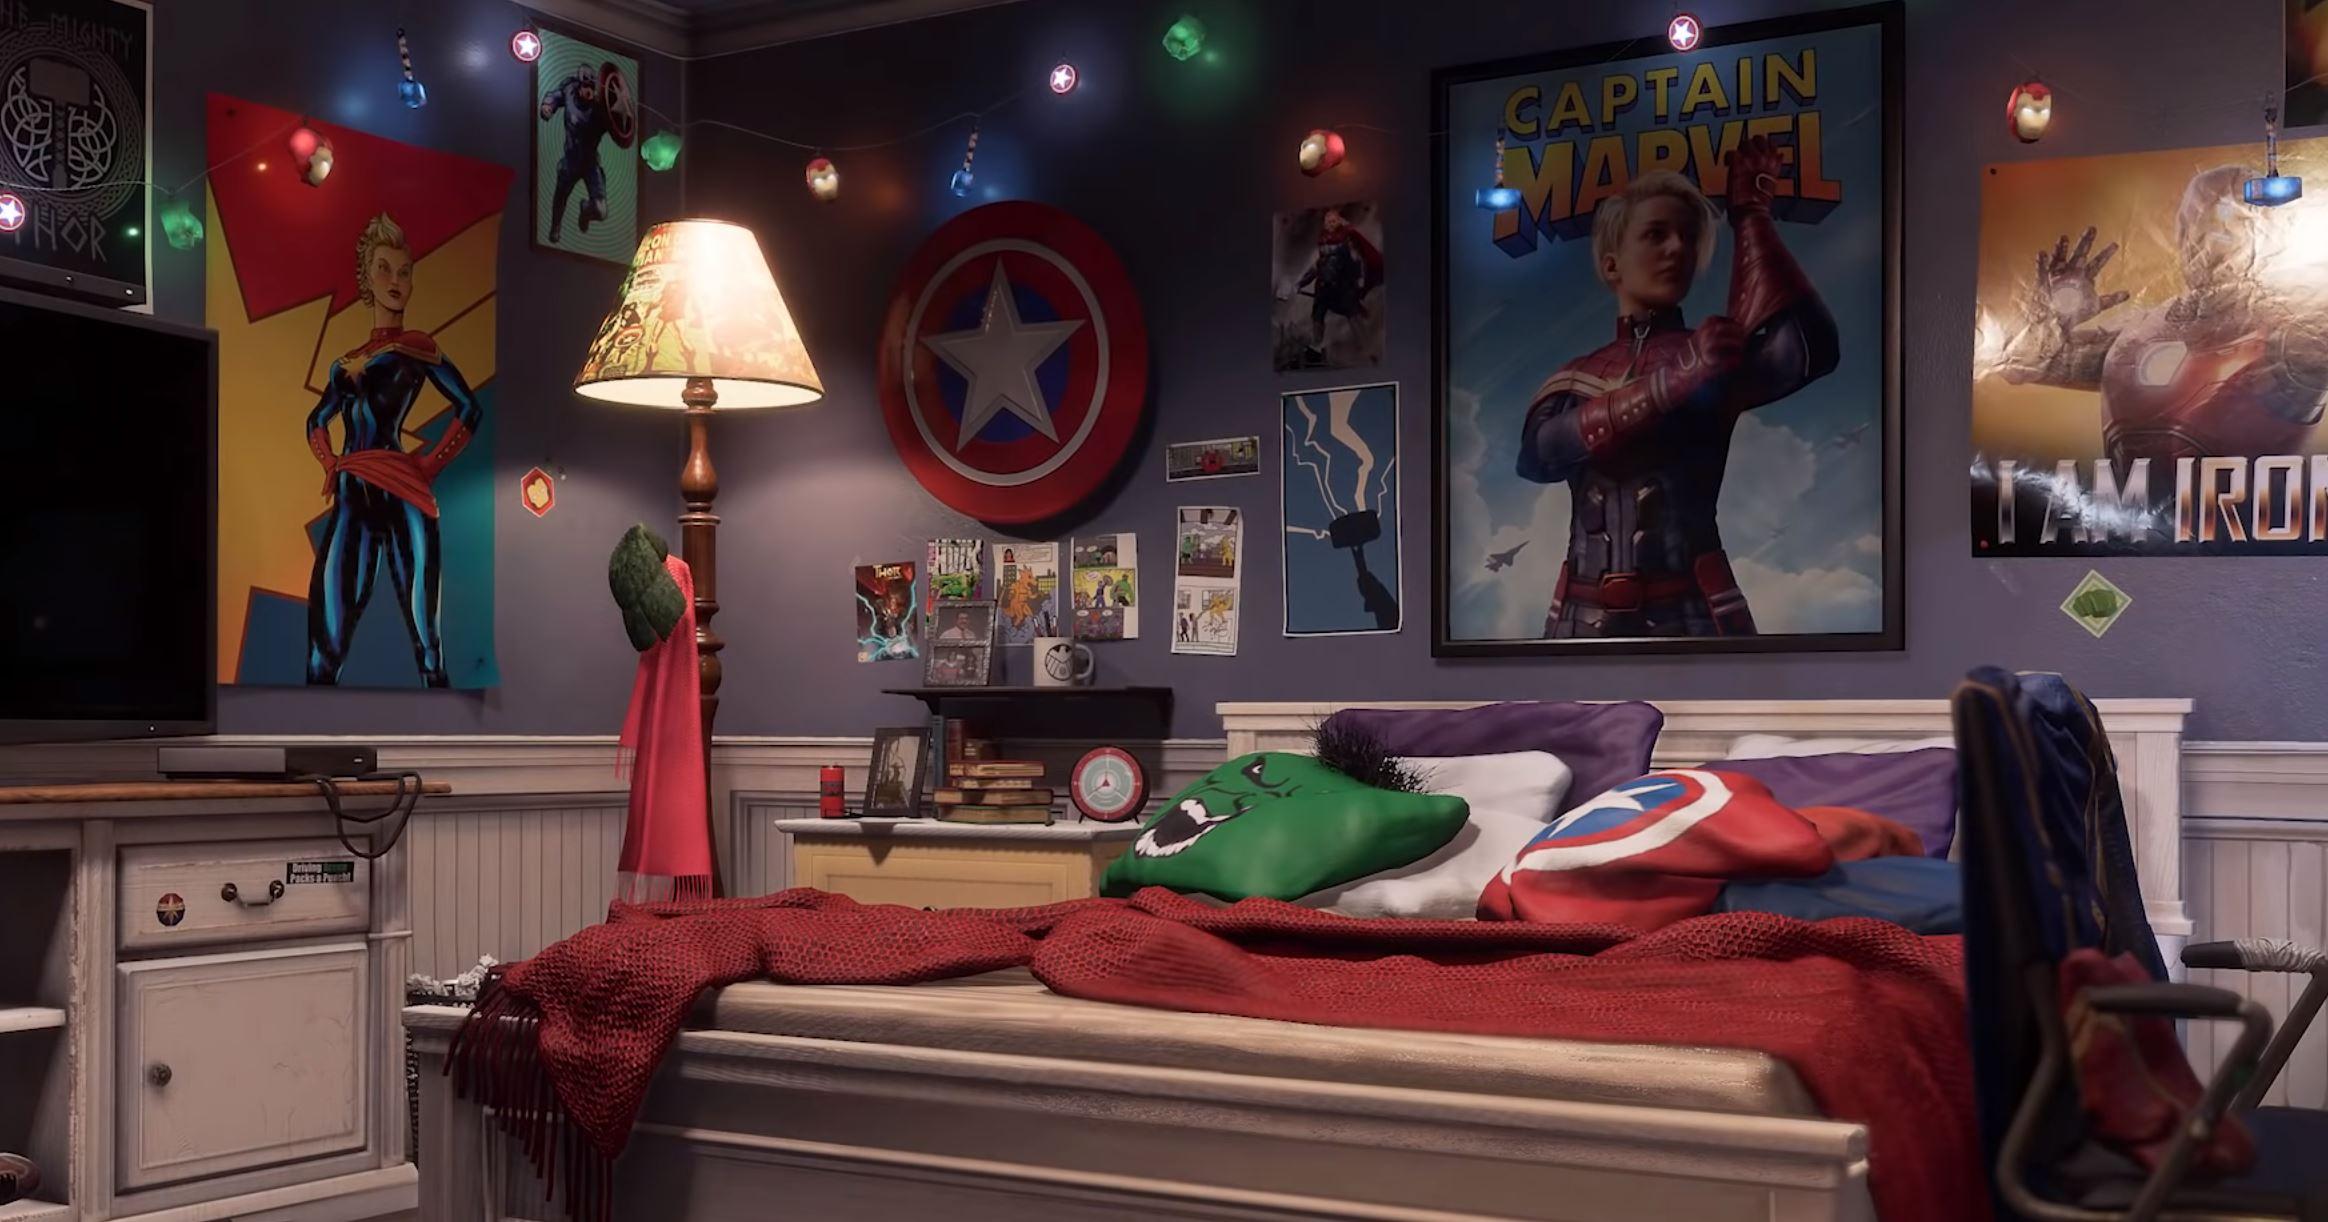 遊戲中驚奇女士的房間就有許多驚奇隊長的彩蛋。(圖源:Twitter)